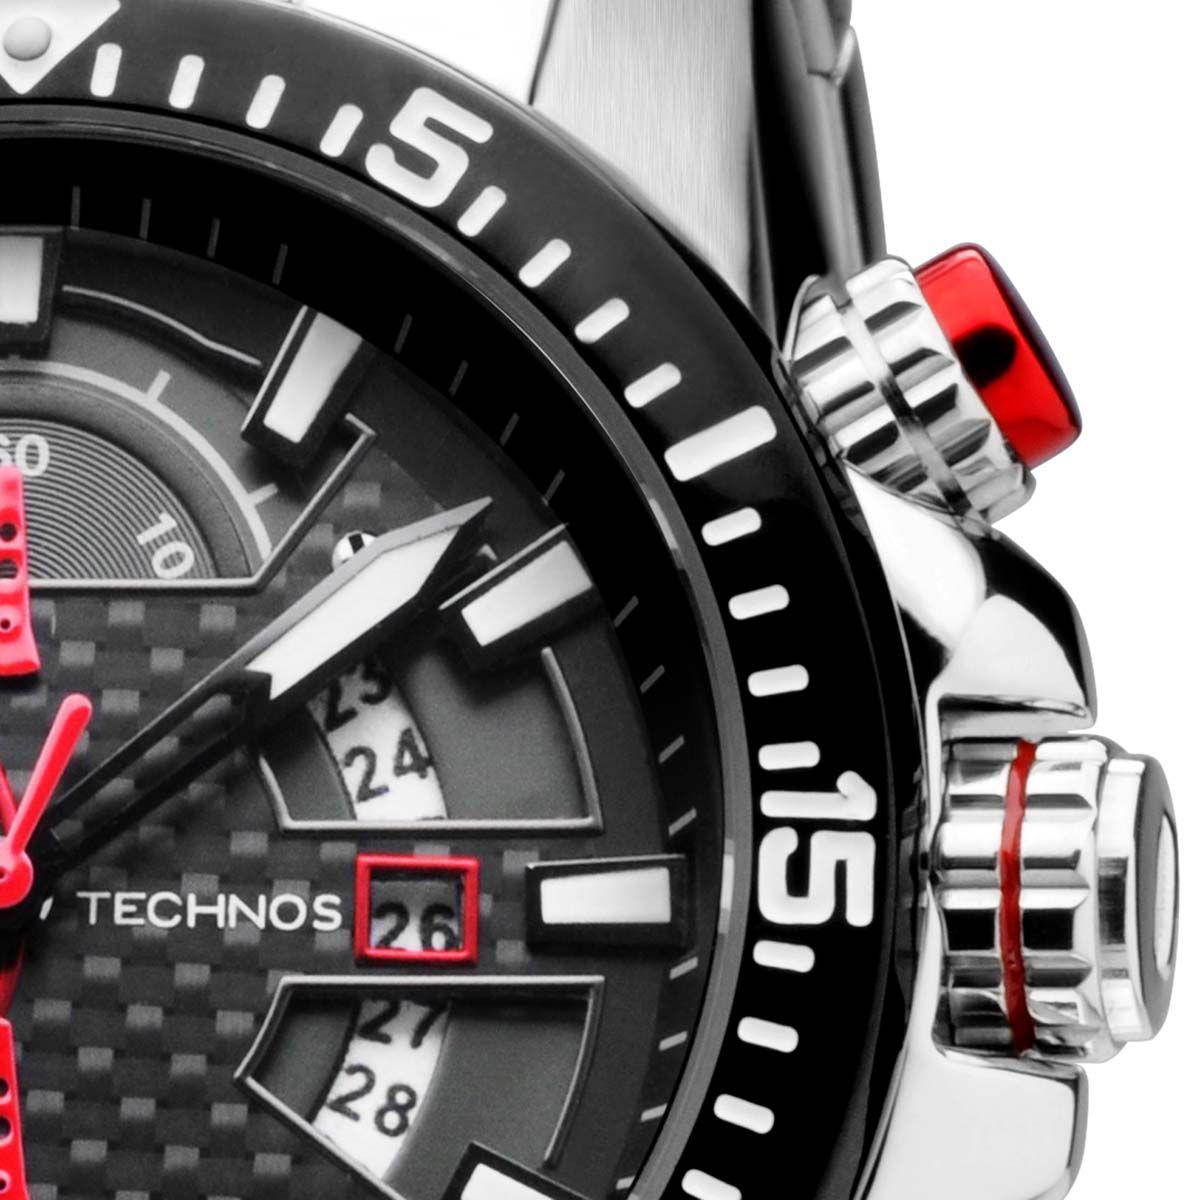 Relógios Technos  Masculinos e Femininos, Lojas Físicas e Online, Site ed7257ad5e